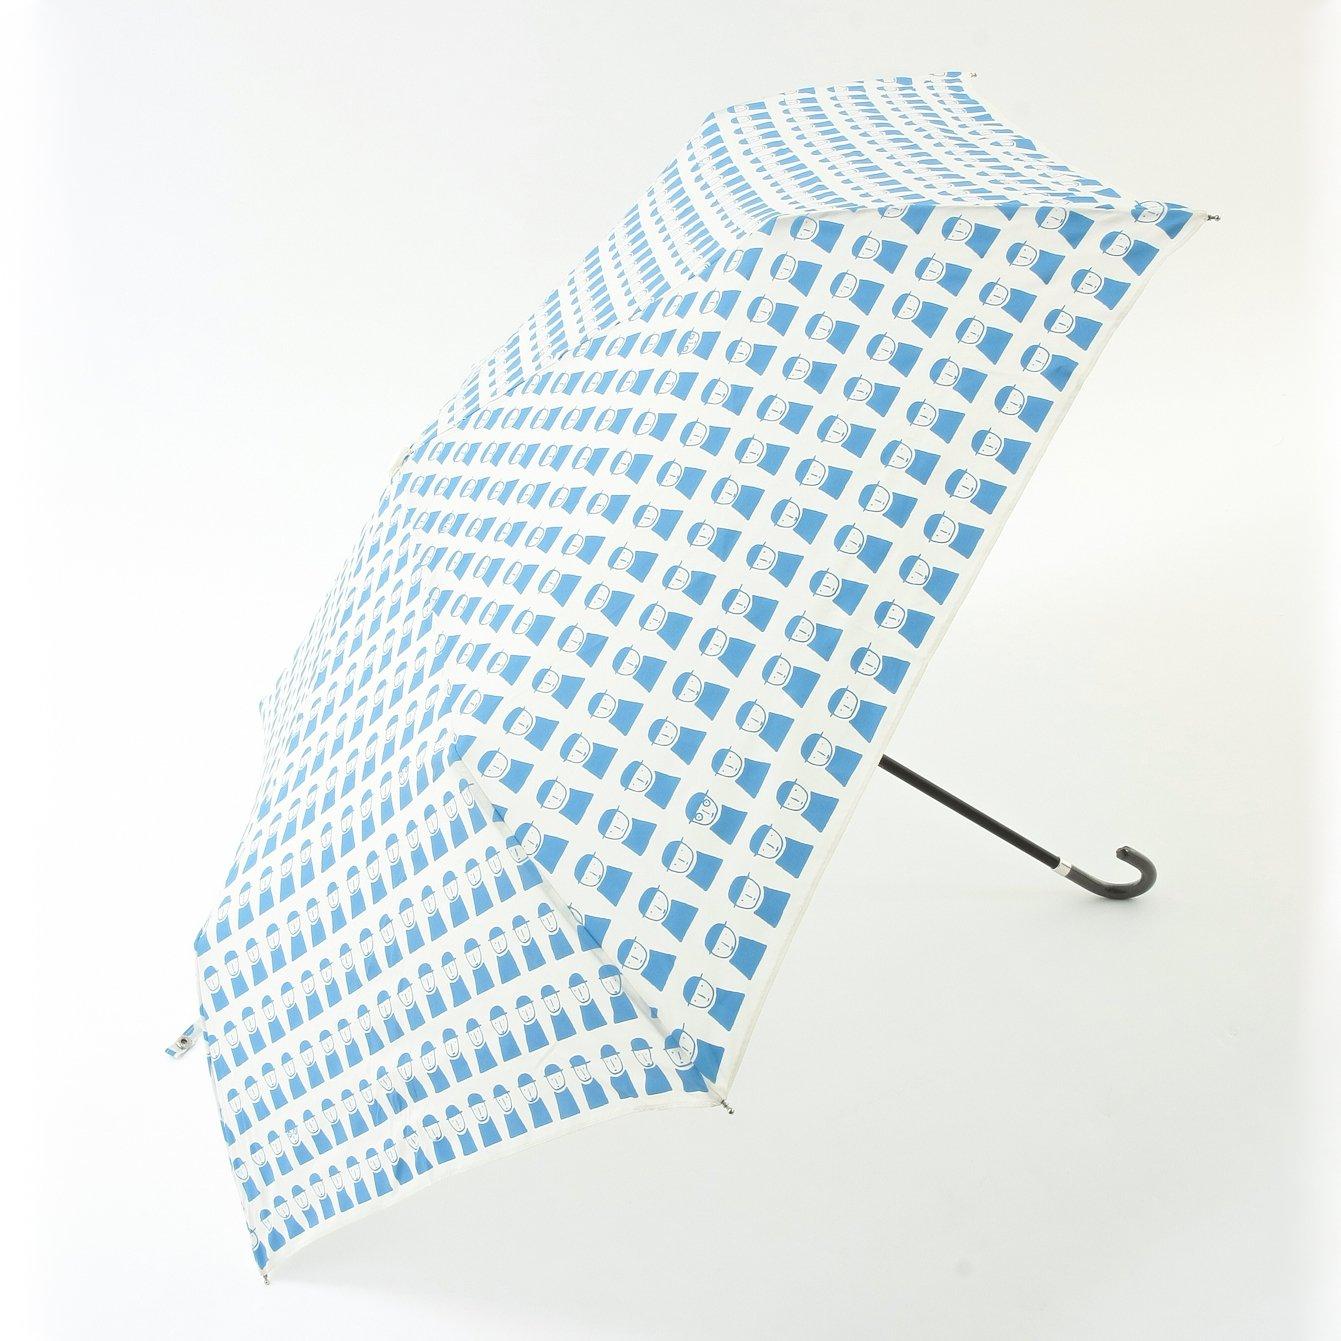 (ピッコーネ アッチェッソーリ) PICONE ACCESSORI 雨用折畳傘 50cm ポリエステル100% 連続司祭柄 683PI421 ブルー B07DK6QP84 ライトブルー ライトブルー